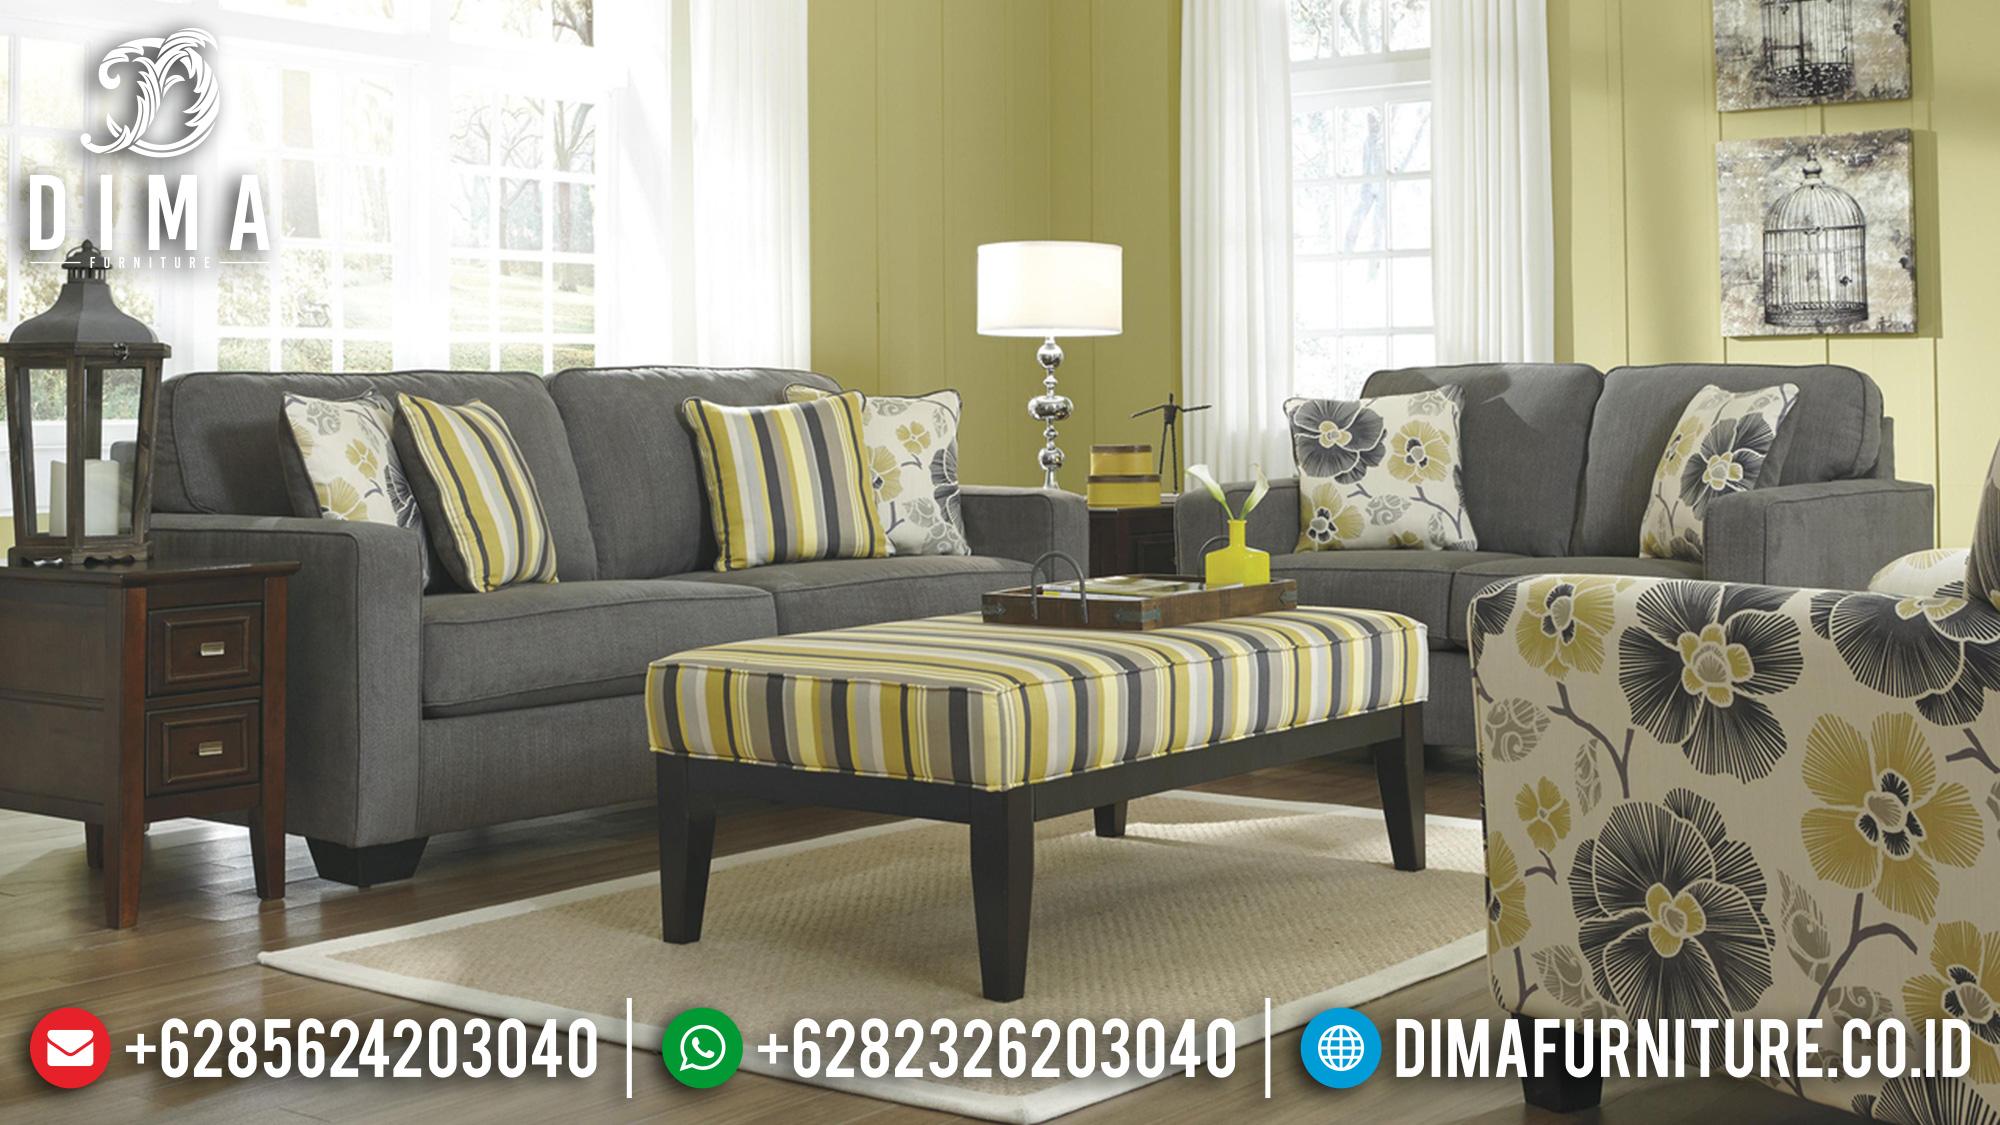 Sofa Tamu Minimalis, Sofa Modern Minimalis, Kursi Tamu Jepara Terbaru Mm-0115 Gambar 1